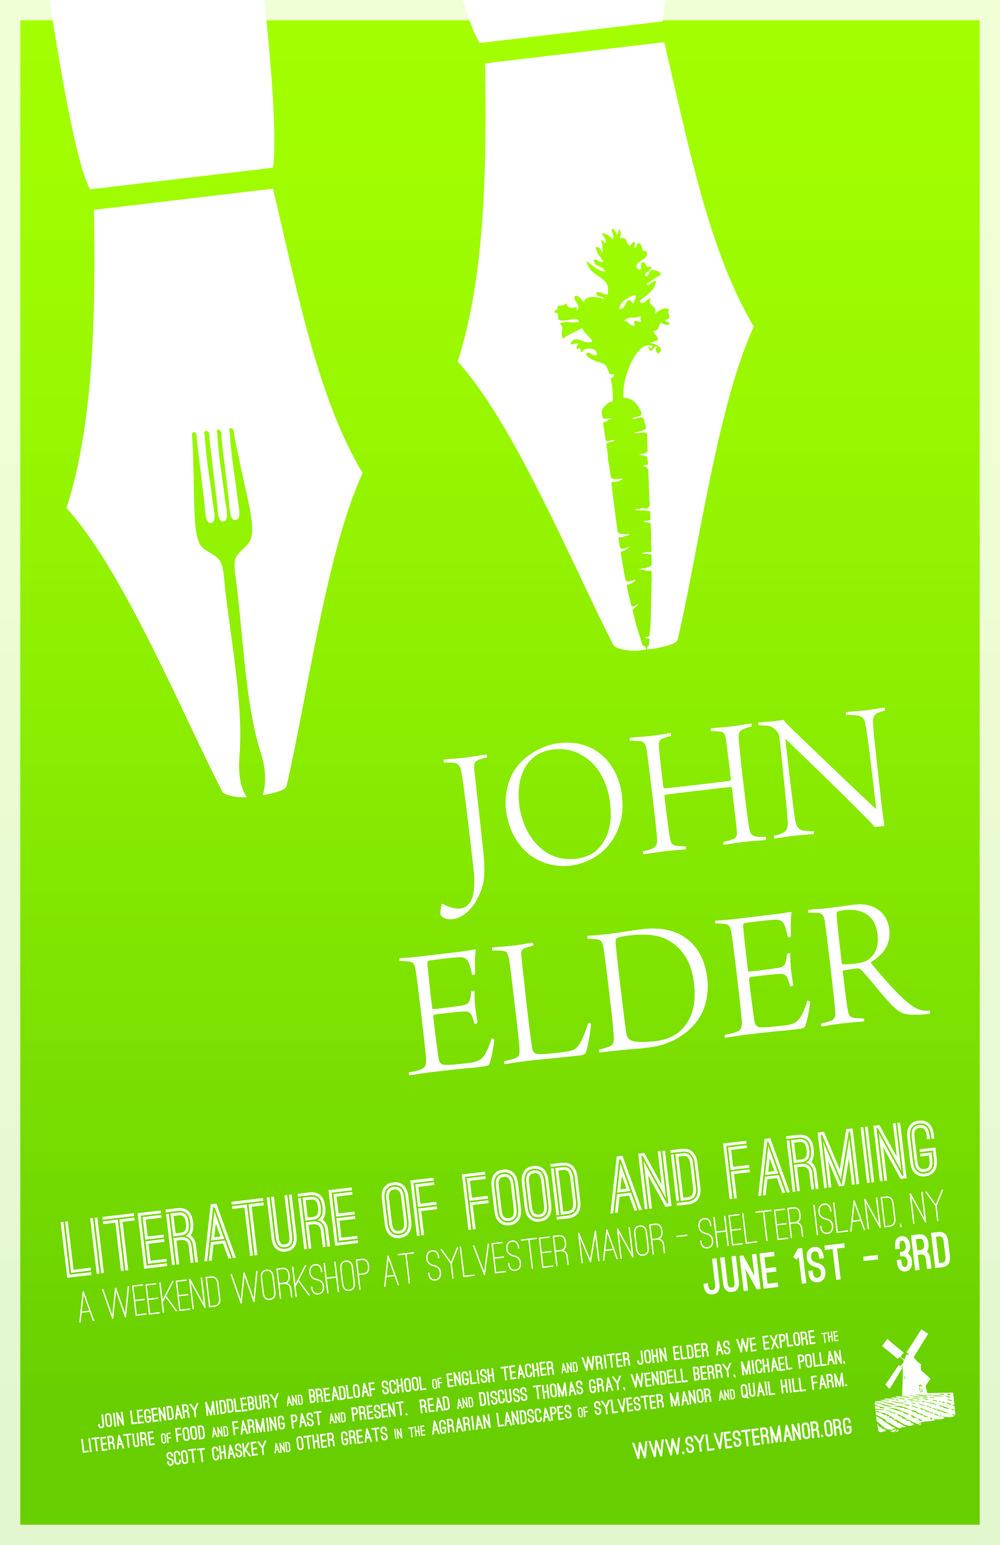 John-Elder-Poster-FINAL-04.jpg